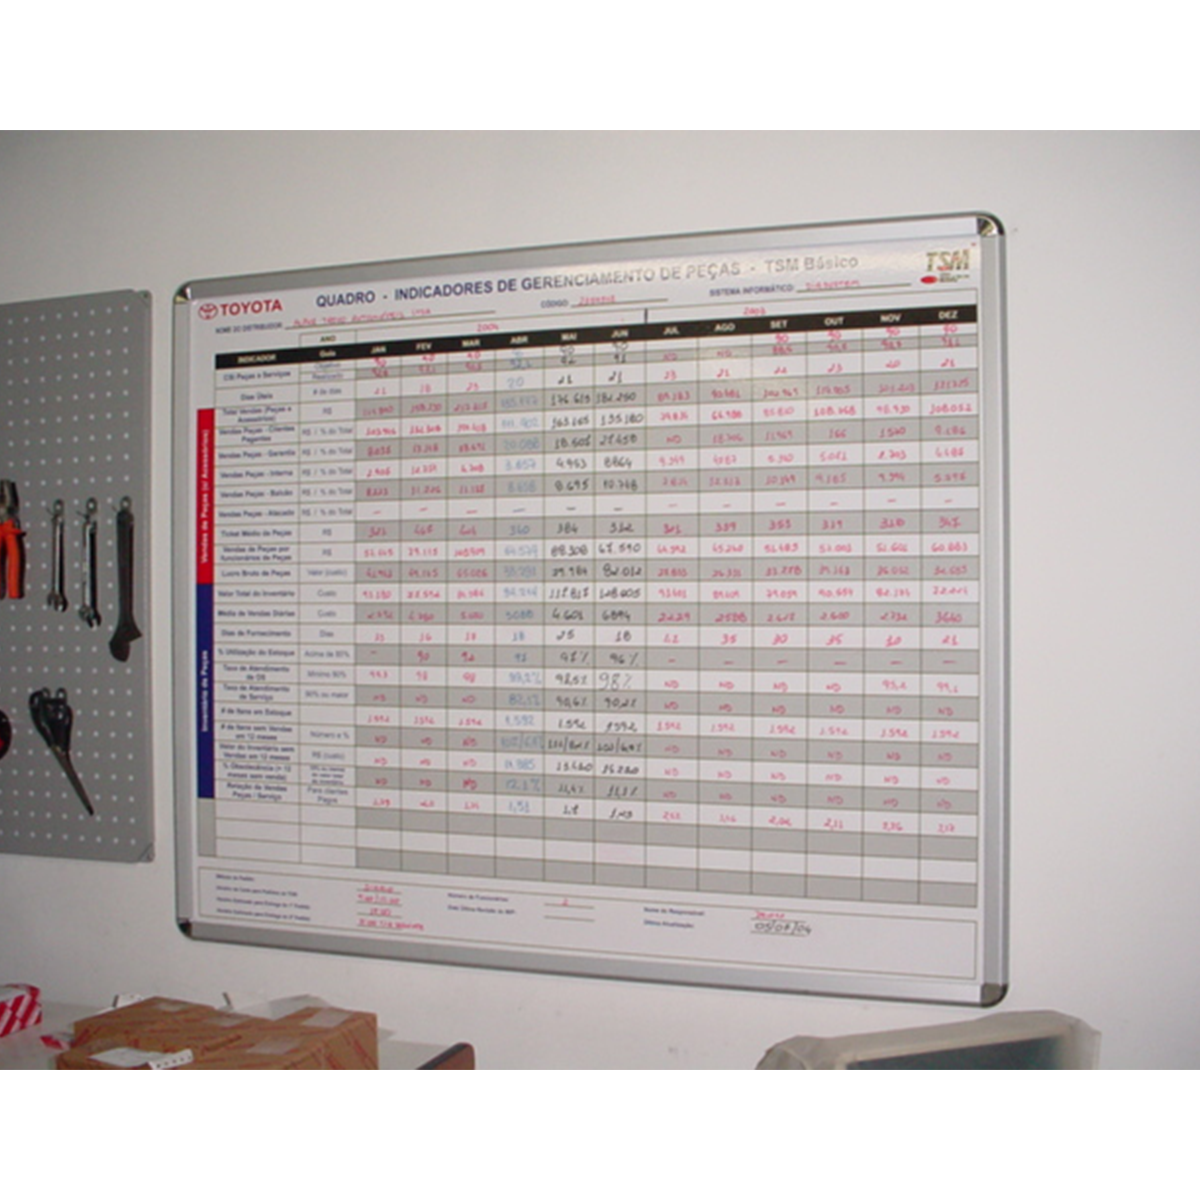 Toyota quadro indicadores de gerenciamento de peas conecta lightbox fandeluxe Choice Image